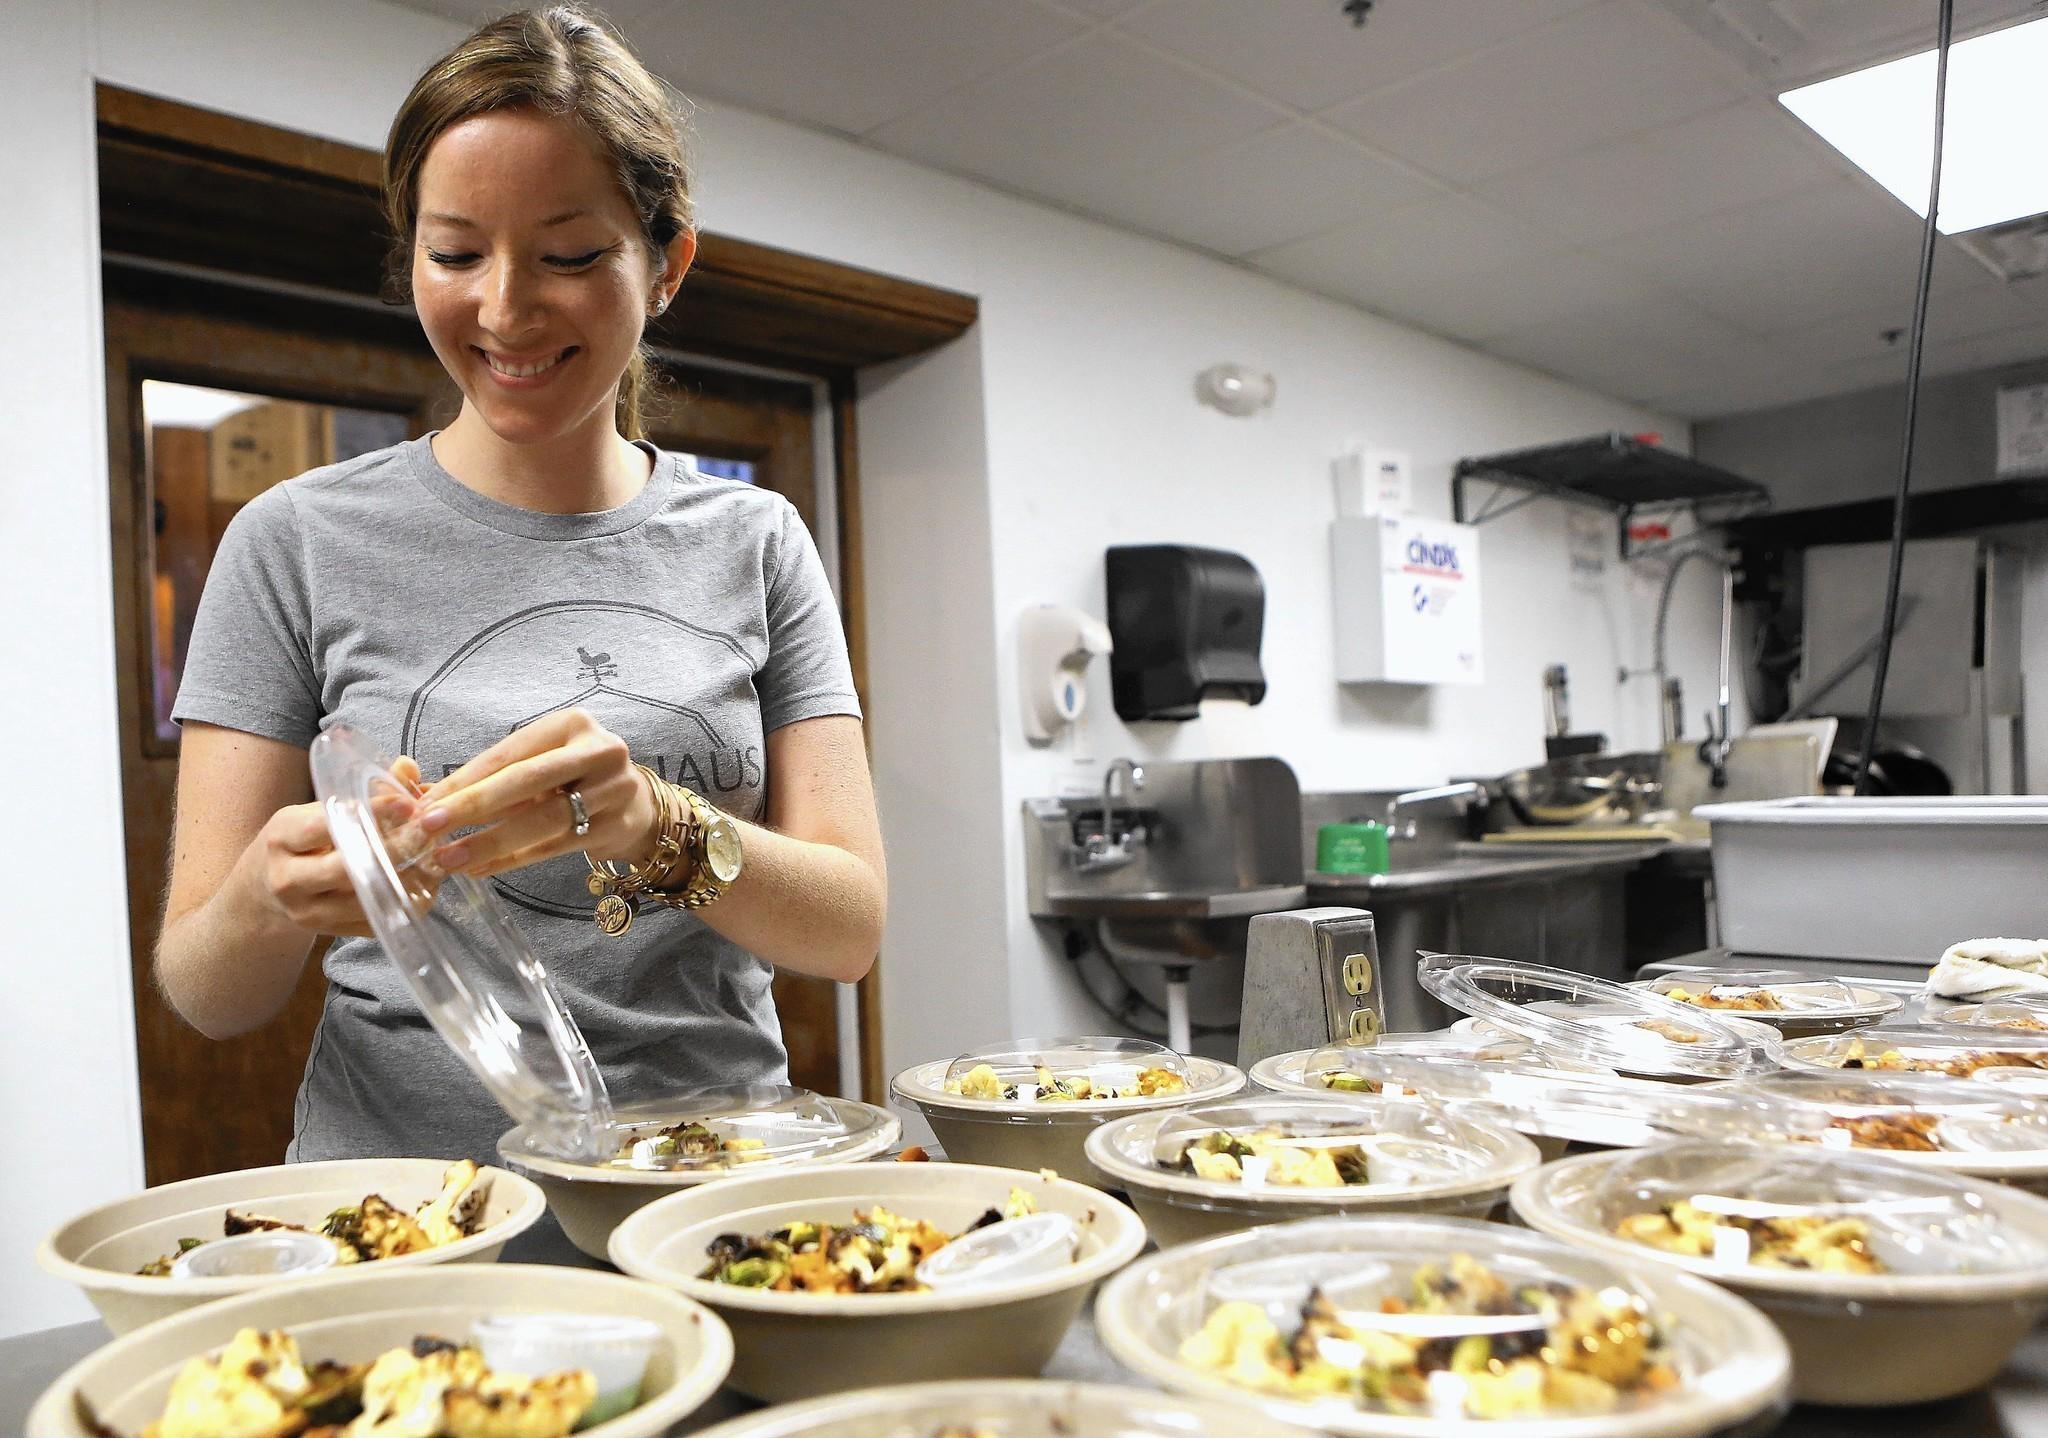 Orlando Haus pictures farm haus orlando food delivery service orlando sentinel